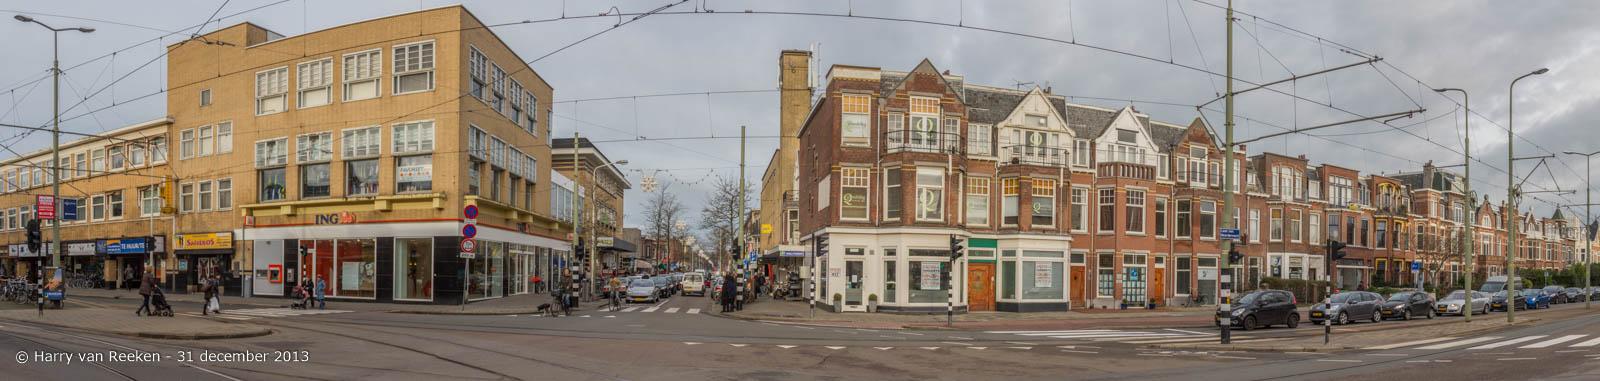 Laan van Meerdervoort-Fahrenheitstraat-03-Pano-bewerkt